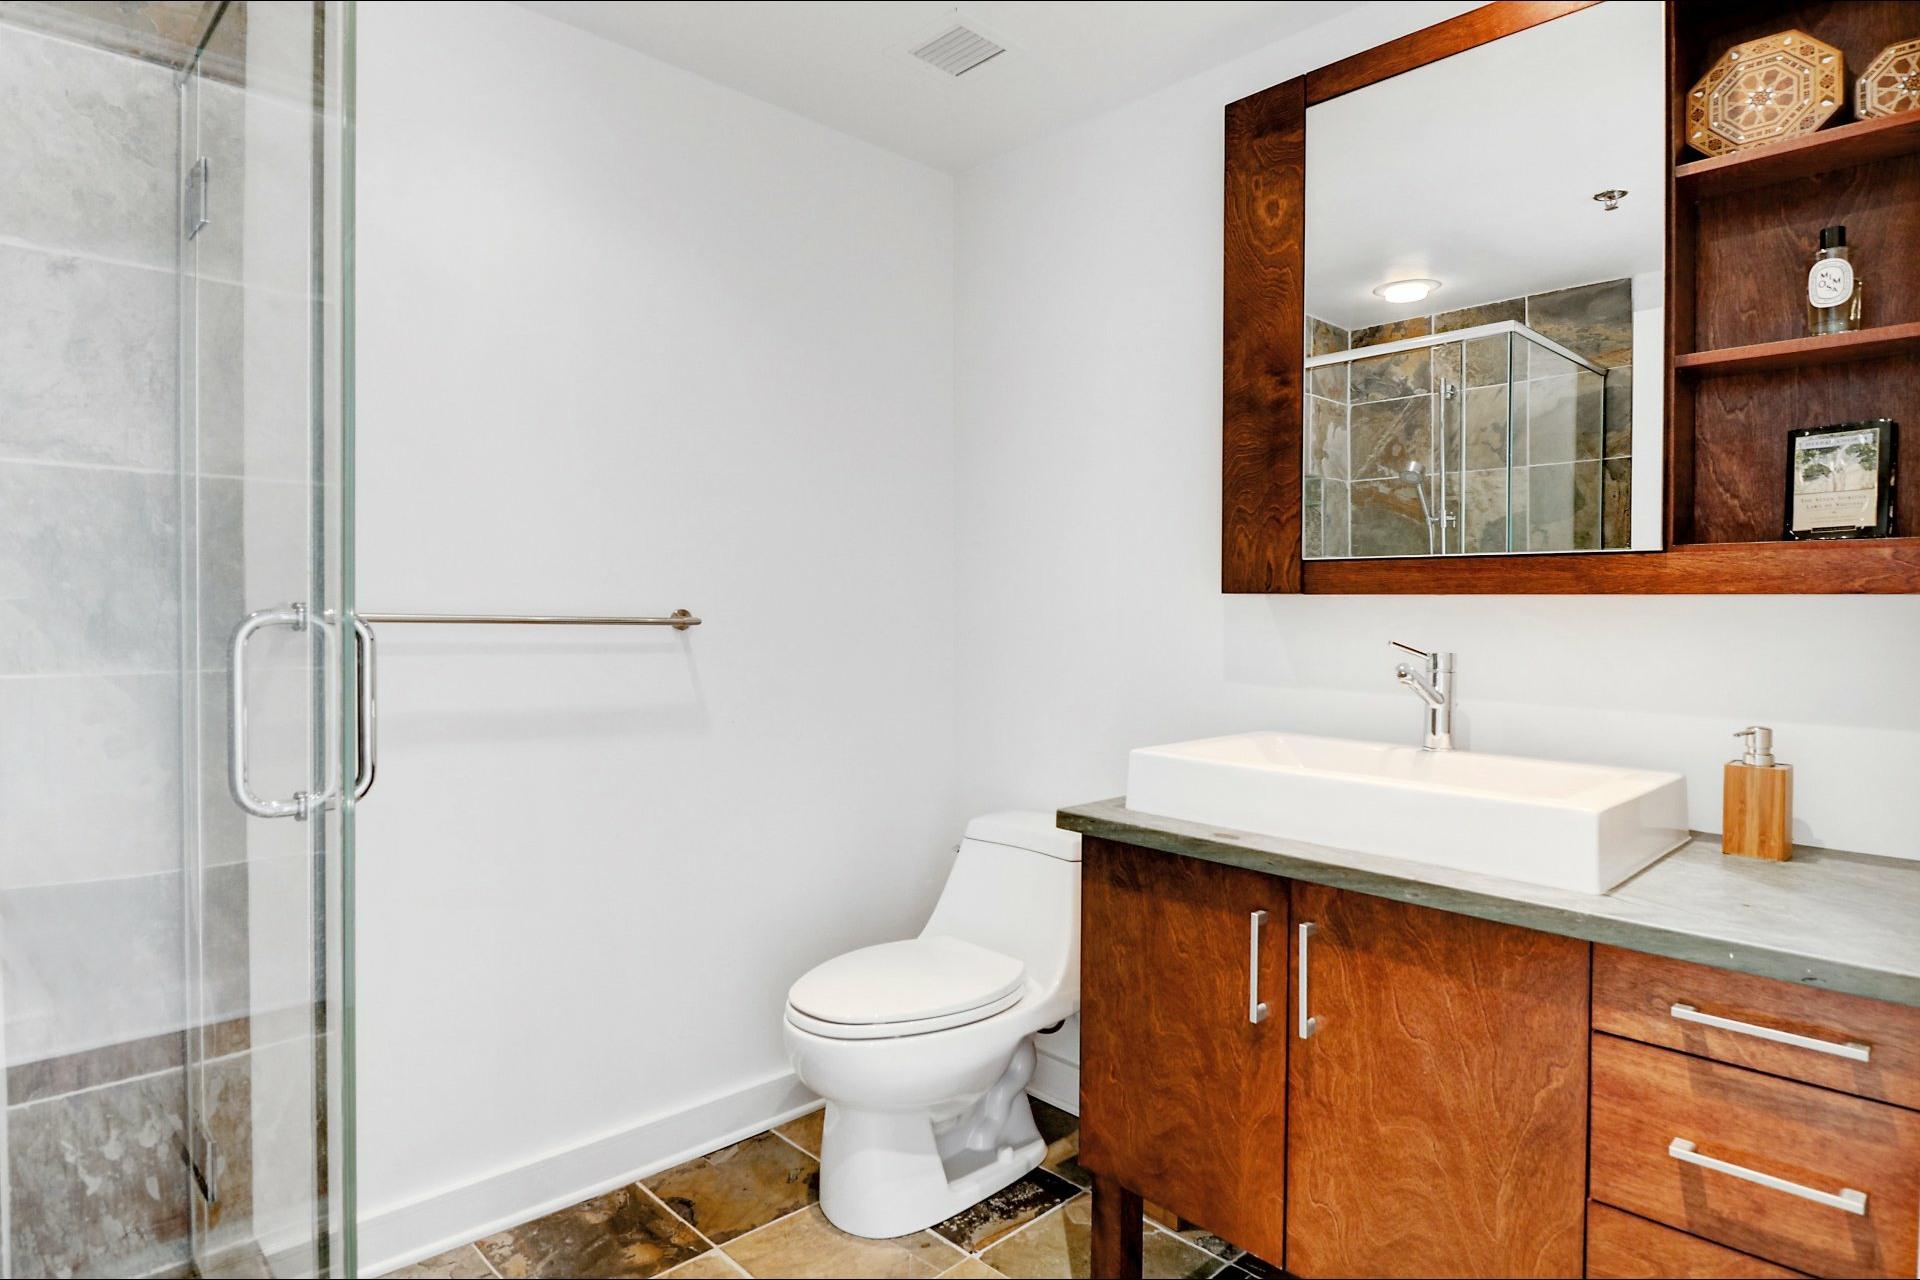 image 22 - Appartement À vendre Montréal Verdun/Île-des-Soeurs  - 9 pièces